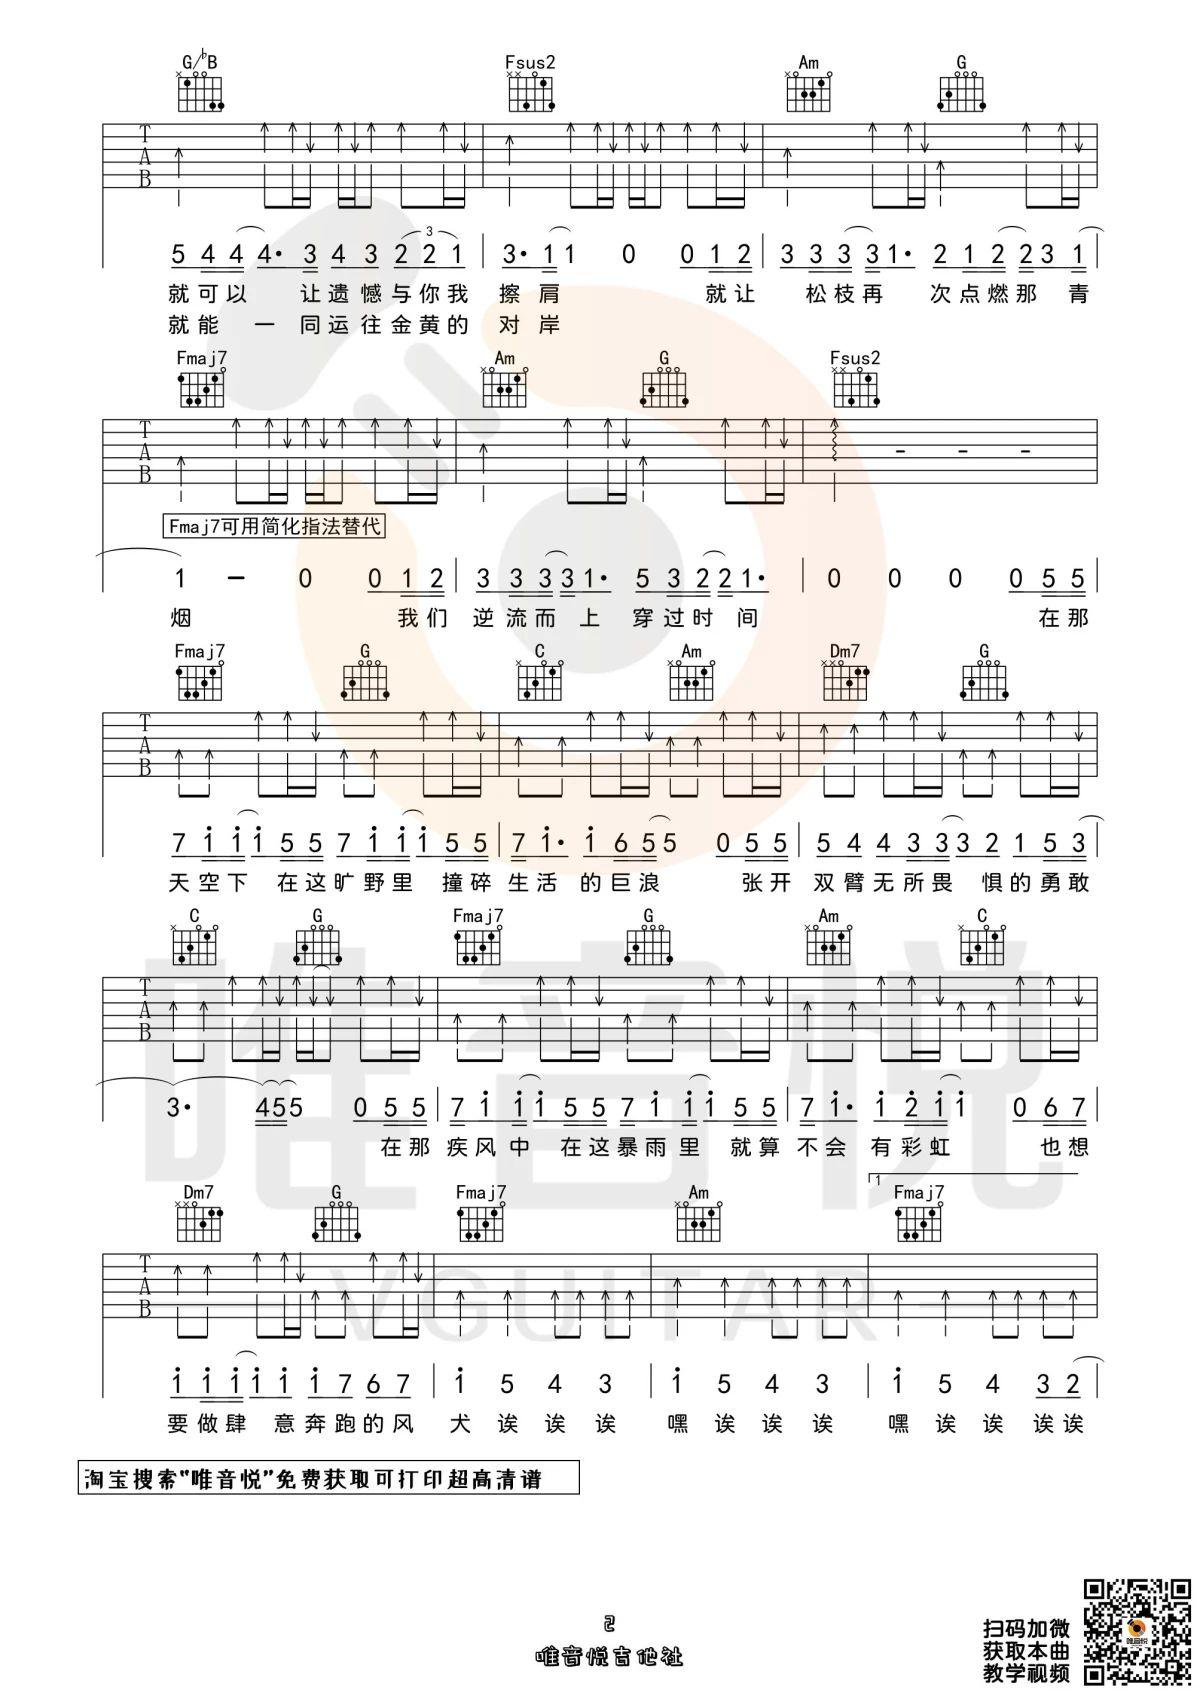 吉他派《风犬少年的天空》吉他谱-2